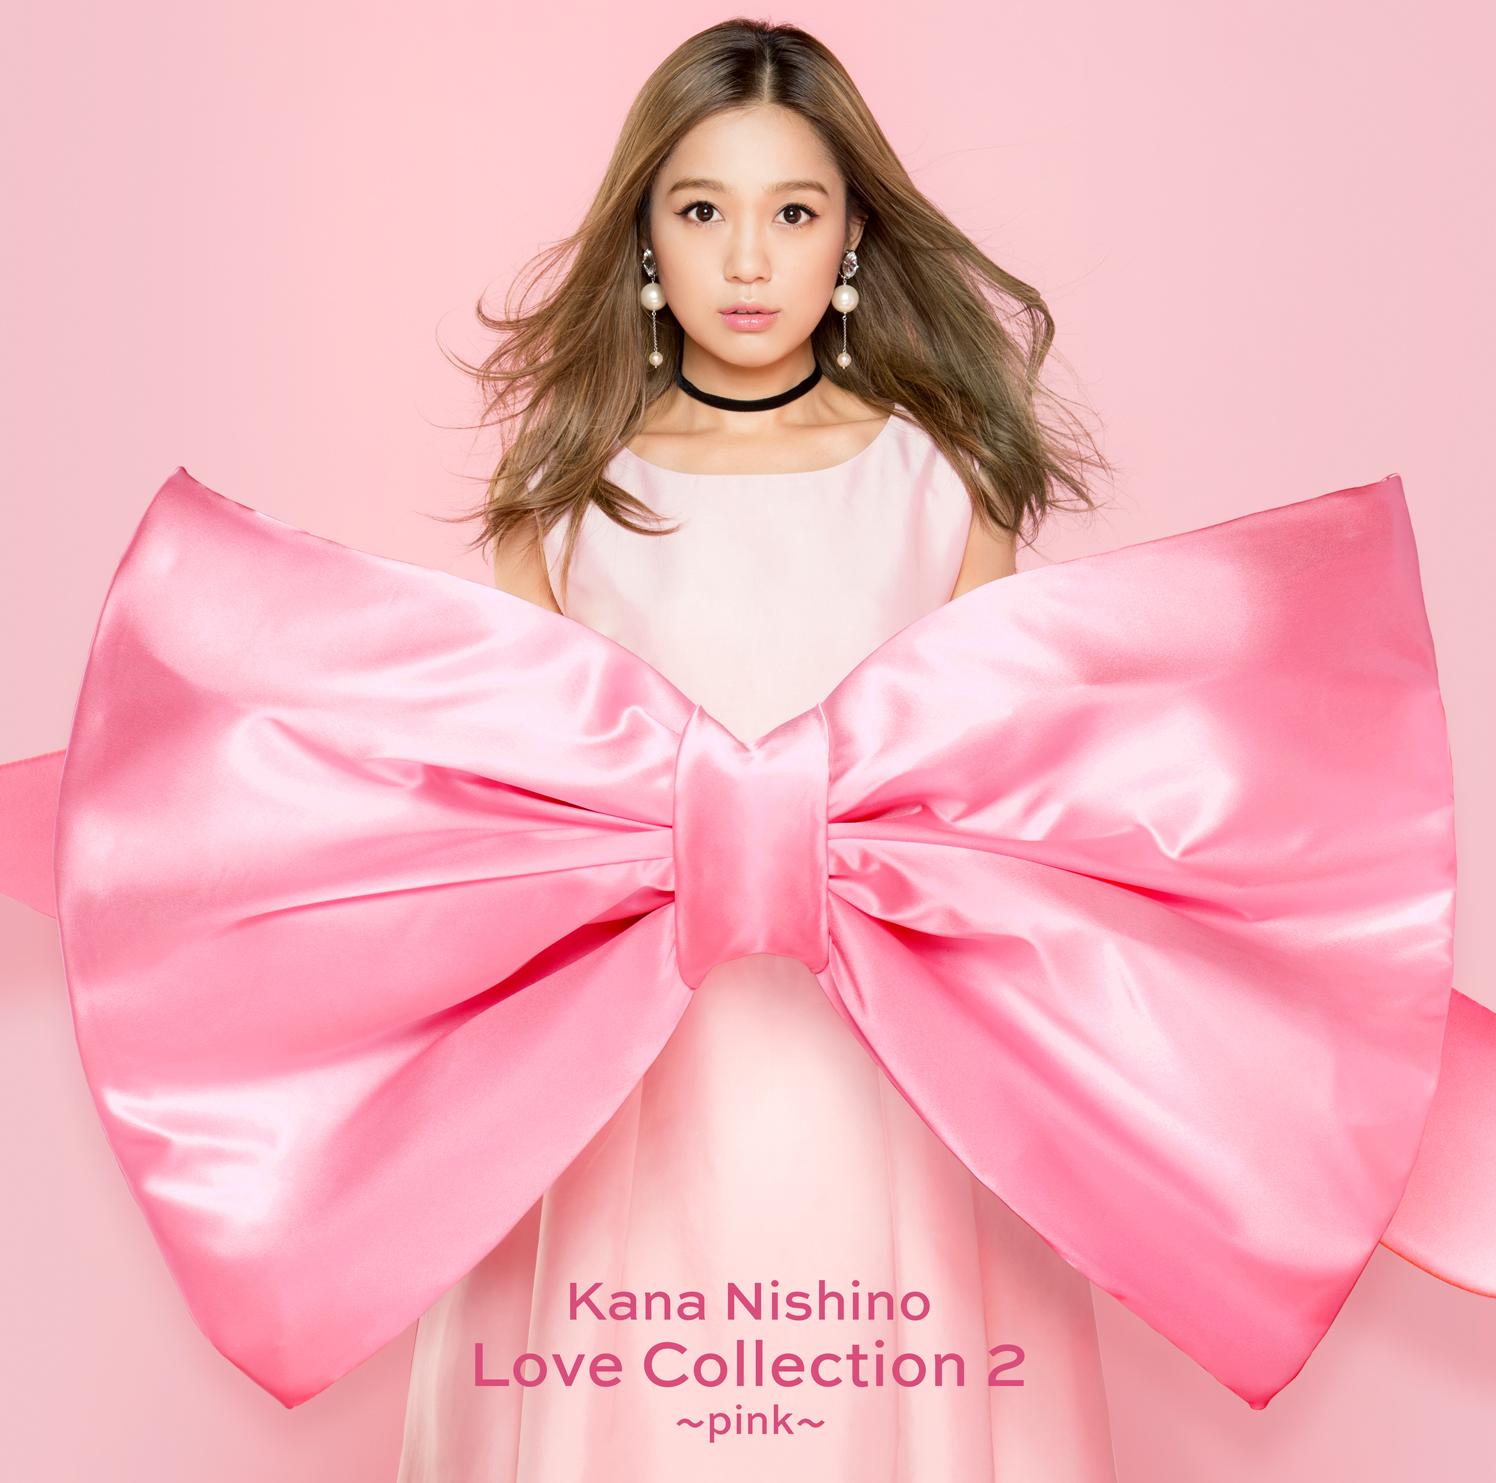 西野カナがデビュー10周年イヤーにふさわしい2枚のベストアルバムをリリース